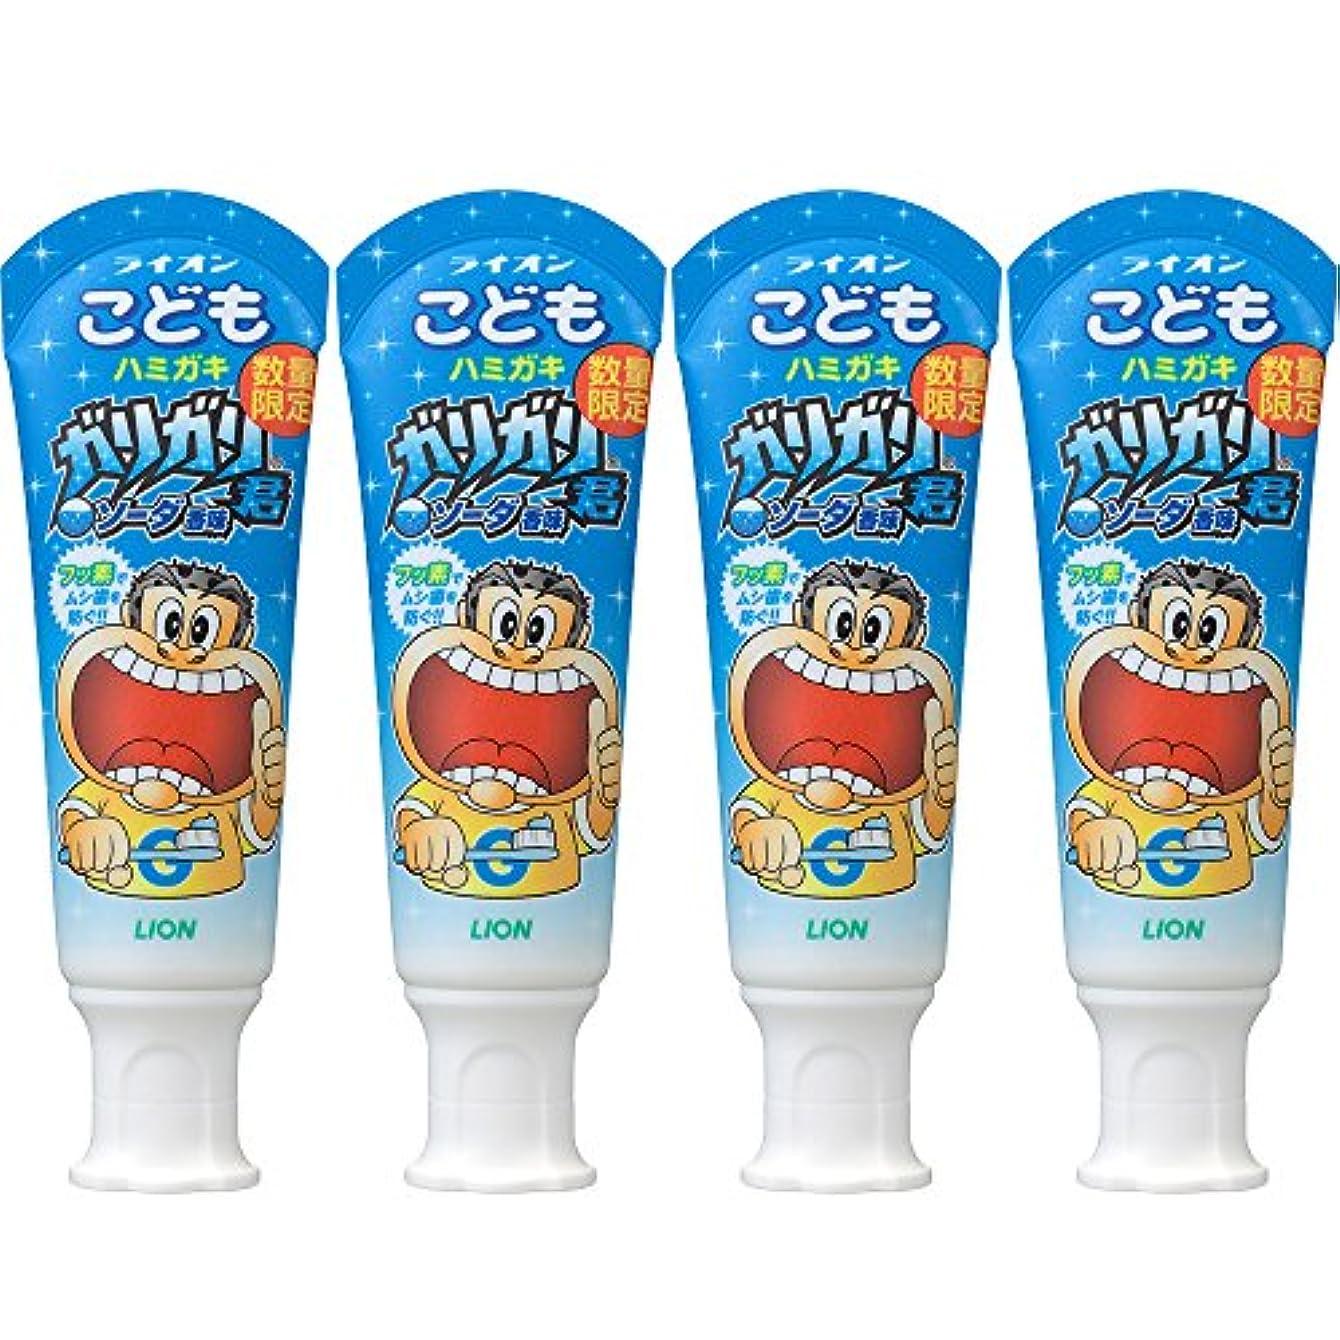 剪断激しい受信機ライオンこどもハミガキ ガリガリくん ソーダ香味 40g 4個パック ※デザインは選べません